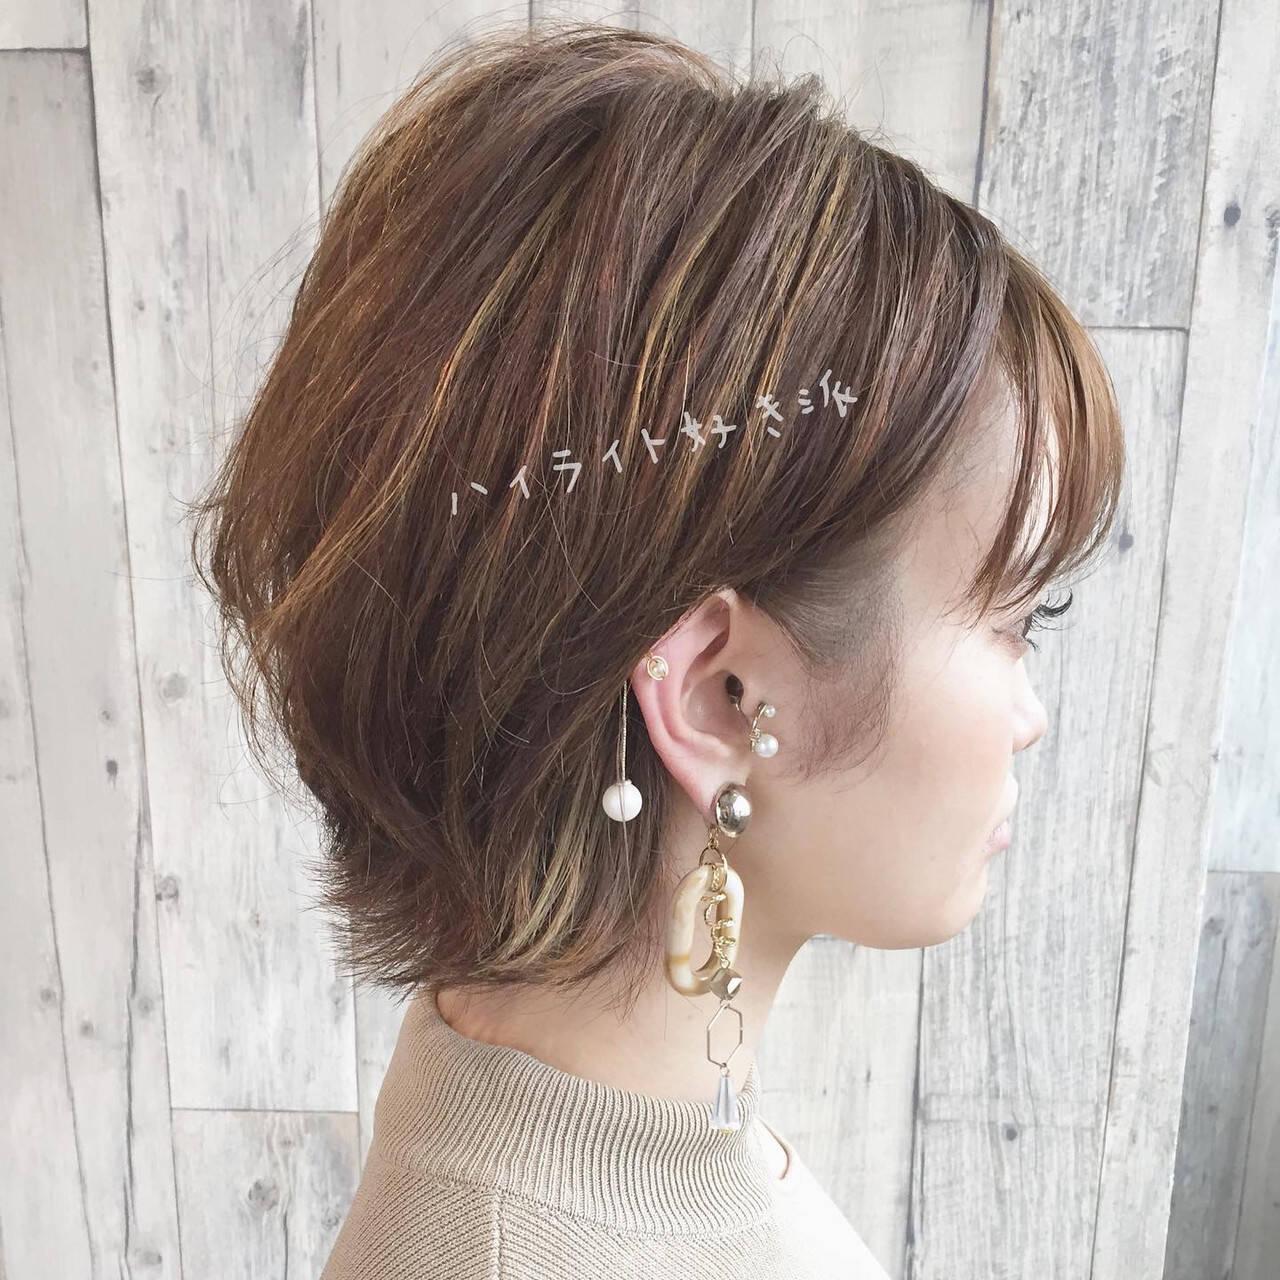 こなれ感 結婚式 エレガント アッシュヘアスタイルや髪型の写真・画像